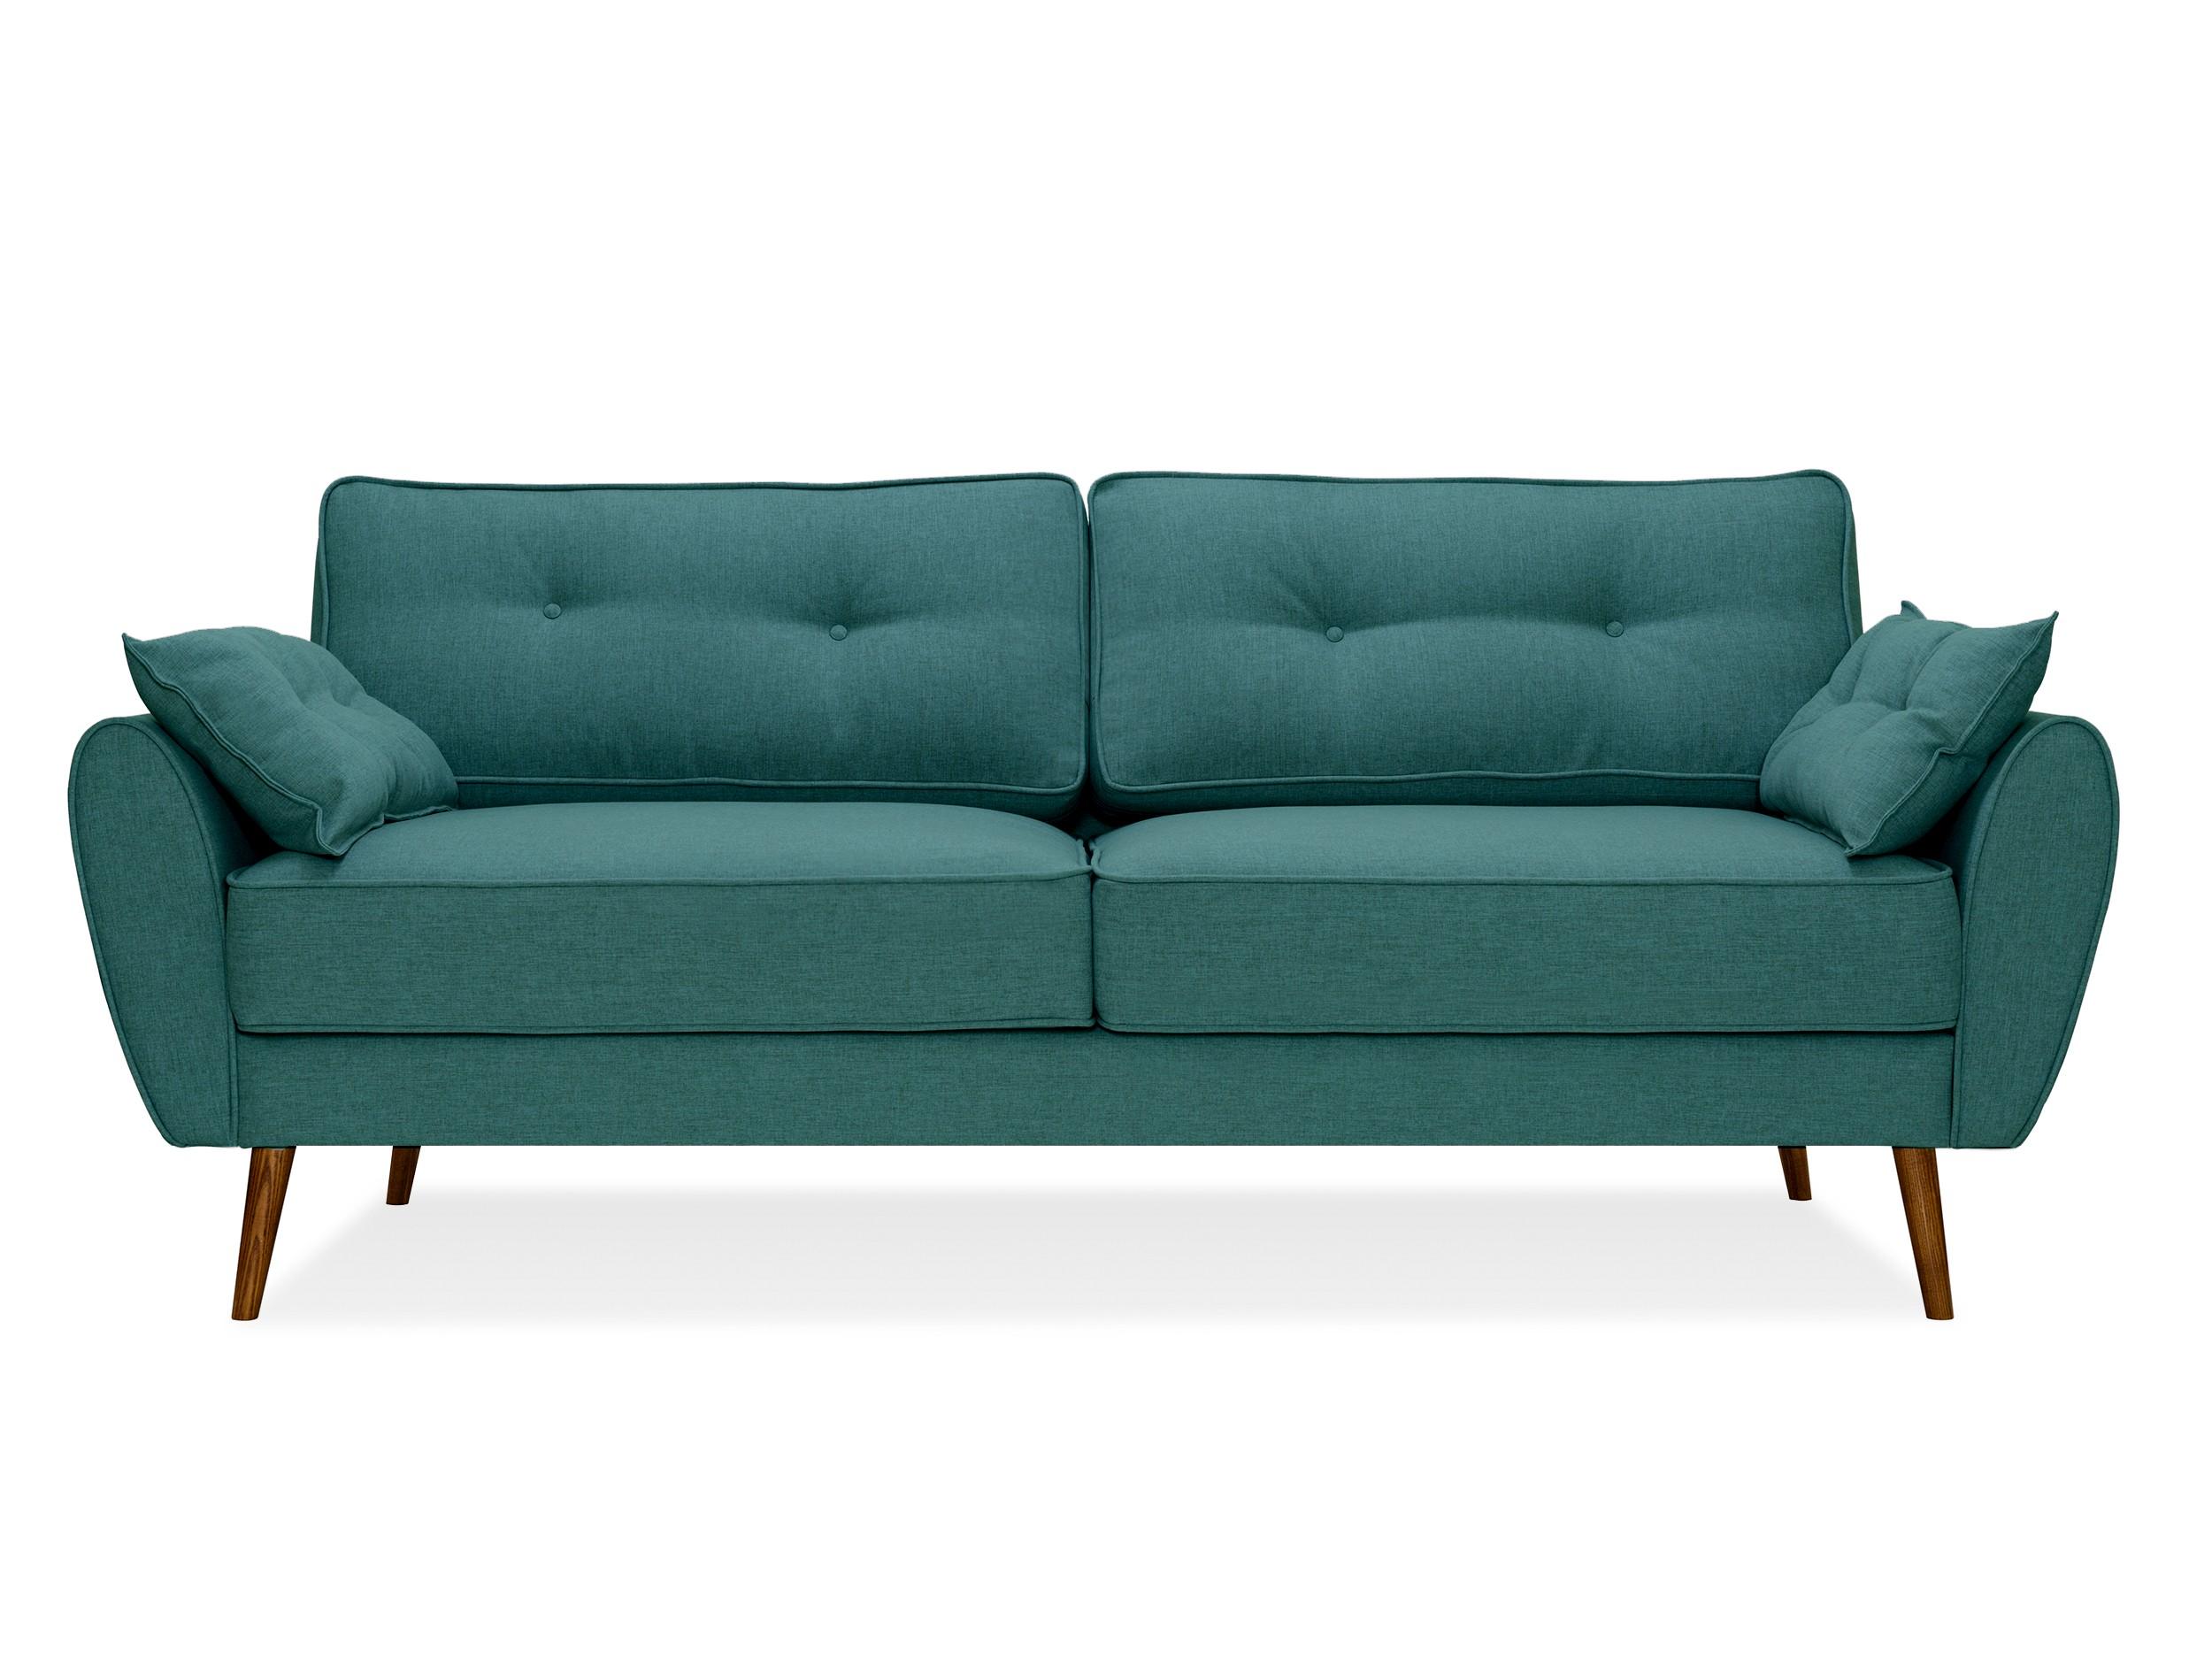 Диван VogueТрехместные диваны<br>Современный диван с легким намеком на ретро идеально подойдет для городских квартир.&amp;nbsp;У него скругленные подлокотники, упругие подушки и как раз та длина, чтобы вы могли вытянуться в полный рост. &amp;nbsp;Но благодаря высоким ножкам Vogue выглядит лаконично и элегантно.&amp;nbsp;Специально для этой серии наши стилисты подобрали 10 модных оттенков практичной рогожки.&amp;nbsp;Корпус: фанера, брус. Ножки: дерево.Ткань: рогожка, устойчивая к повреждениямПодушки в стоимость не входят.<br>Возможно изготовление в других тканях и цветах (подробности уточняйте у менеджера).<br><br>kit: None<br>gender: None